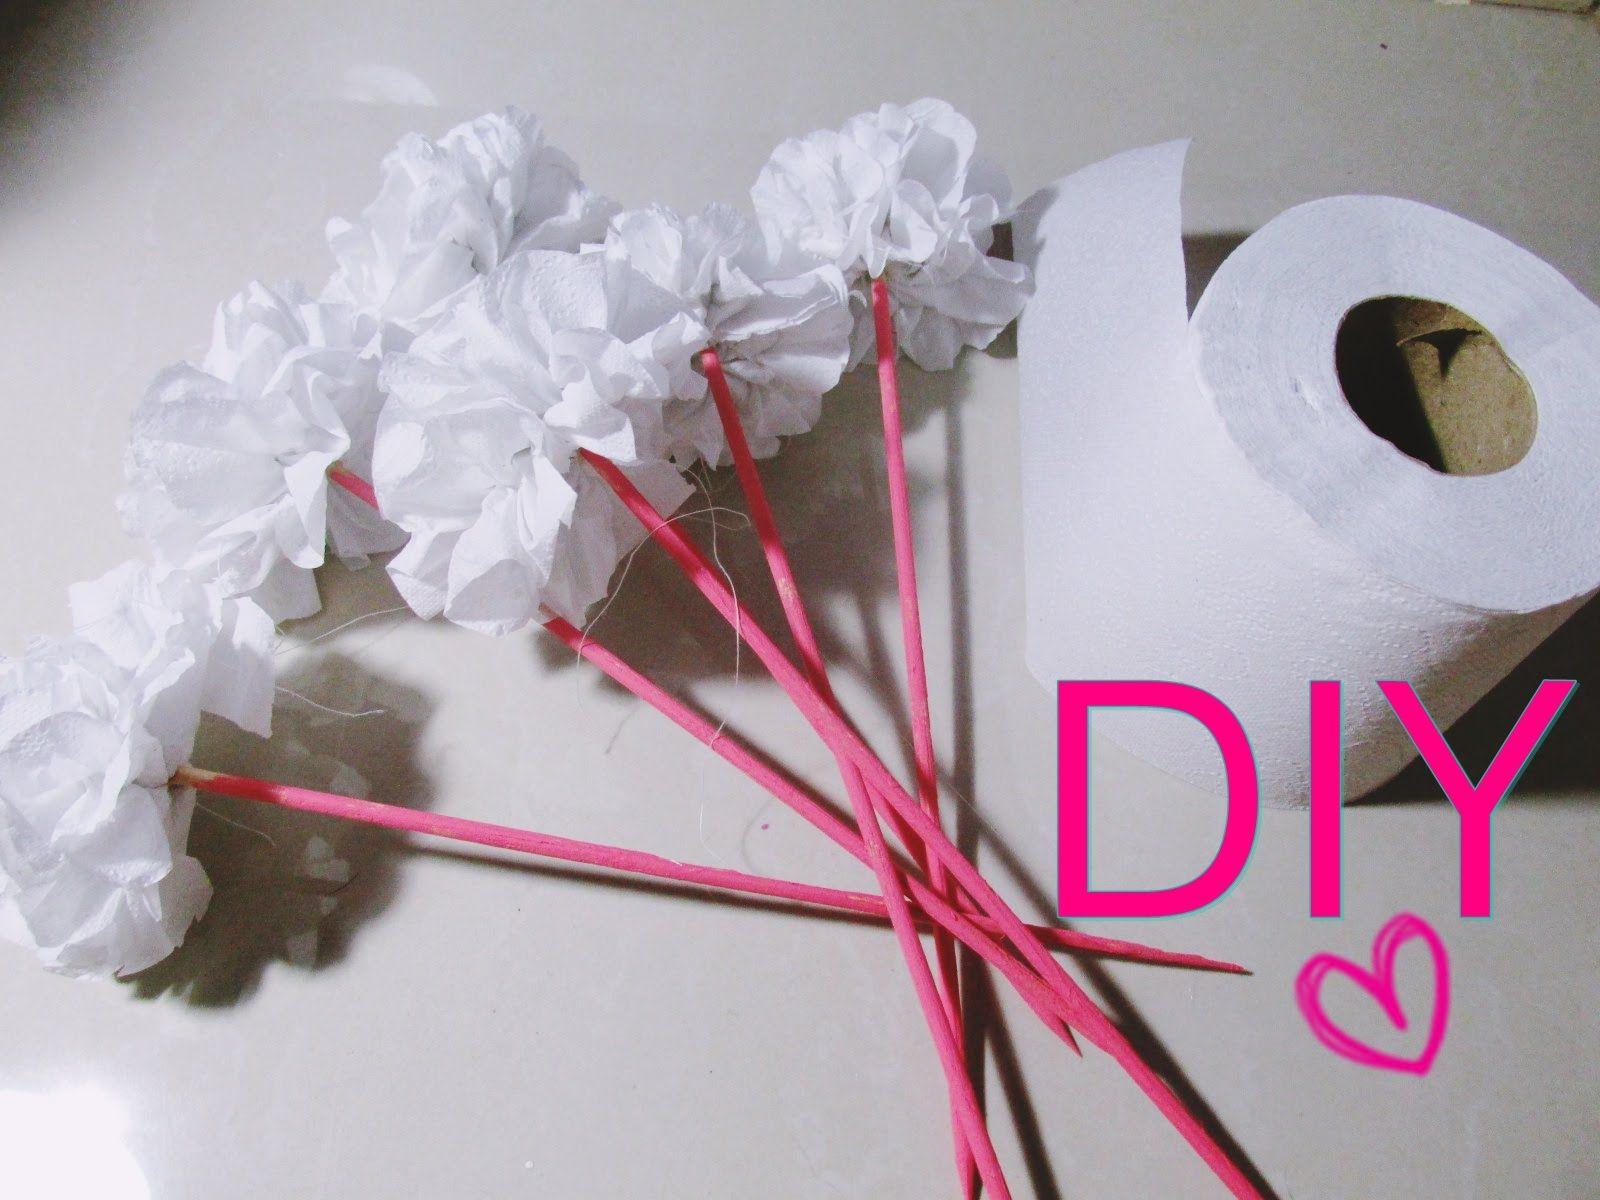 Diyfaa Voc Mesma Flor Feita Com Papel Higinico Dica De